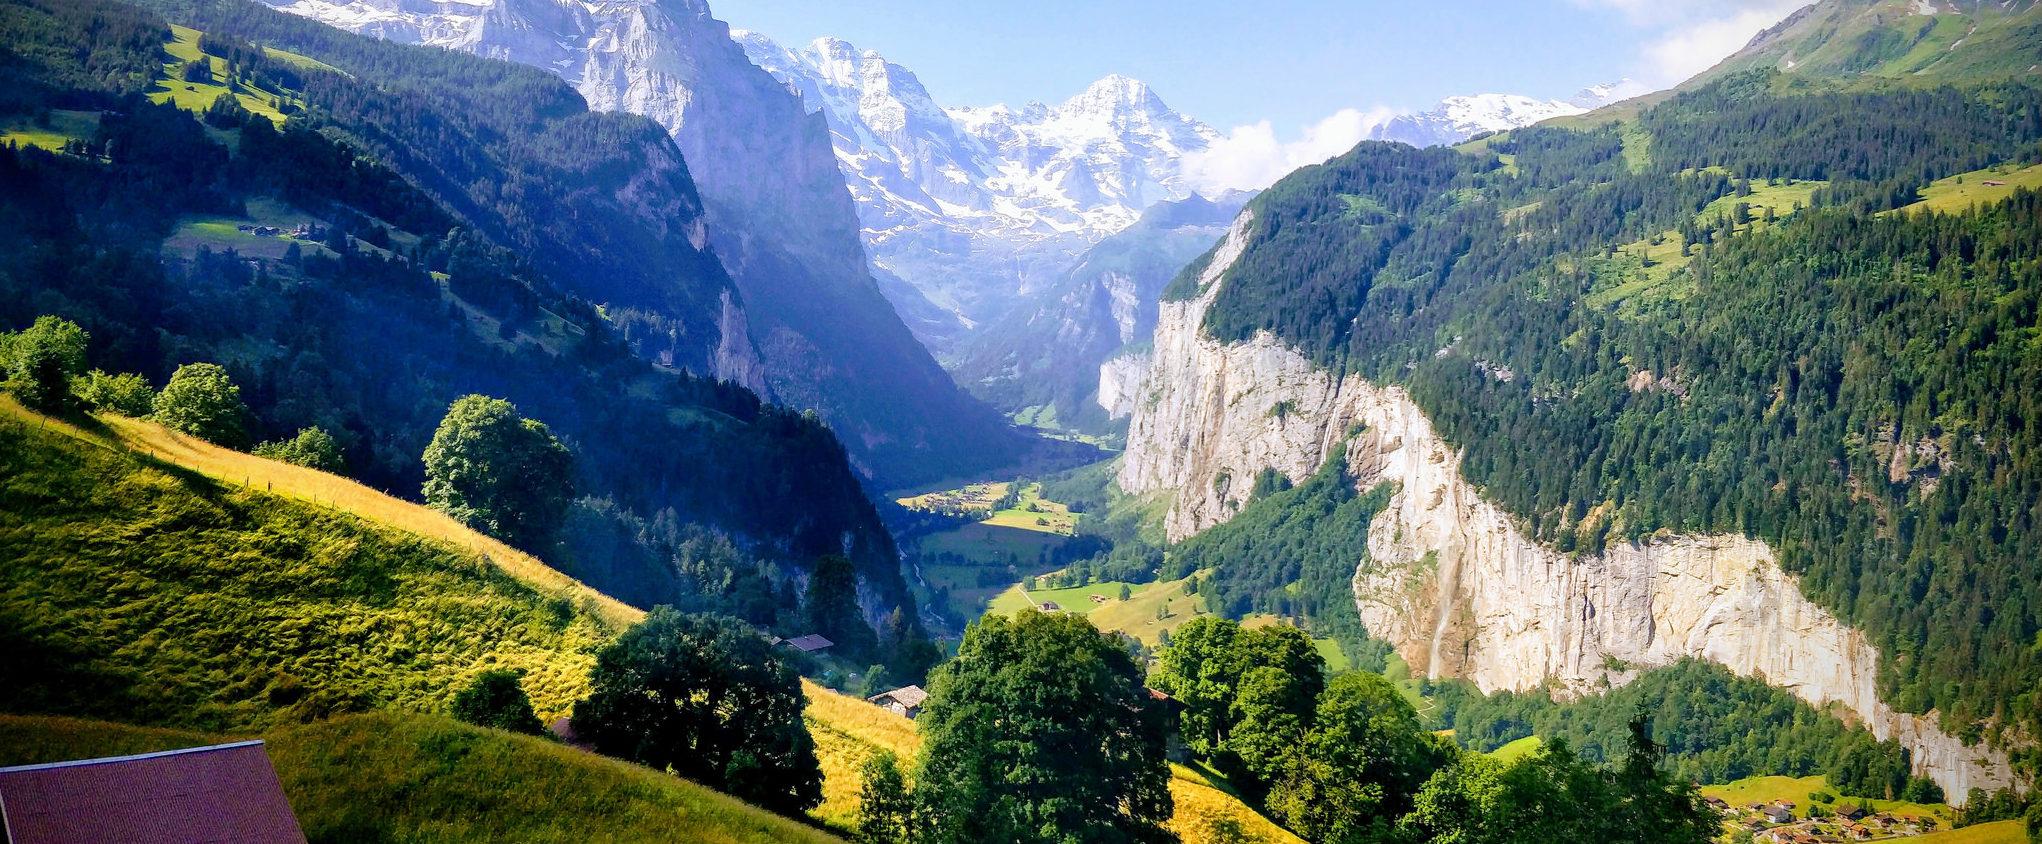 Switzerland: The Beating Heart of Europe